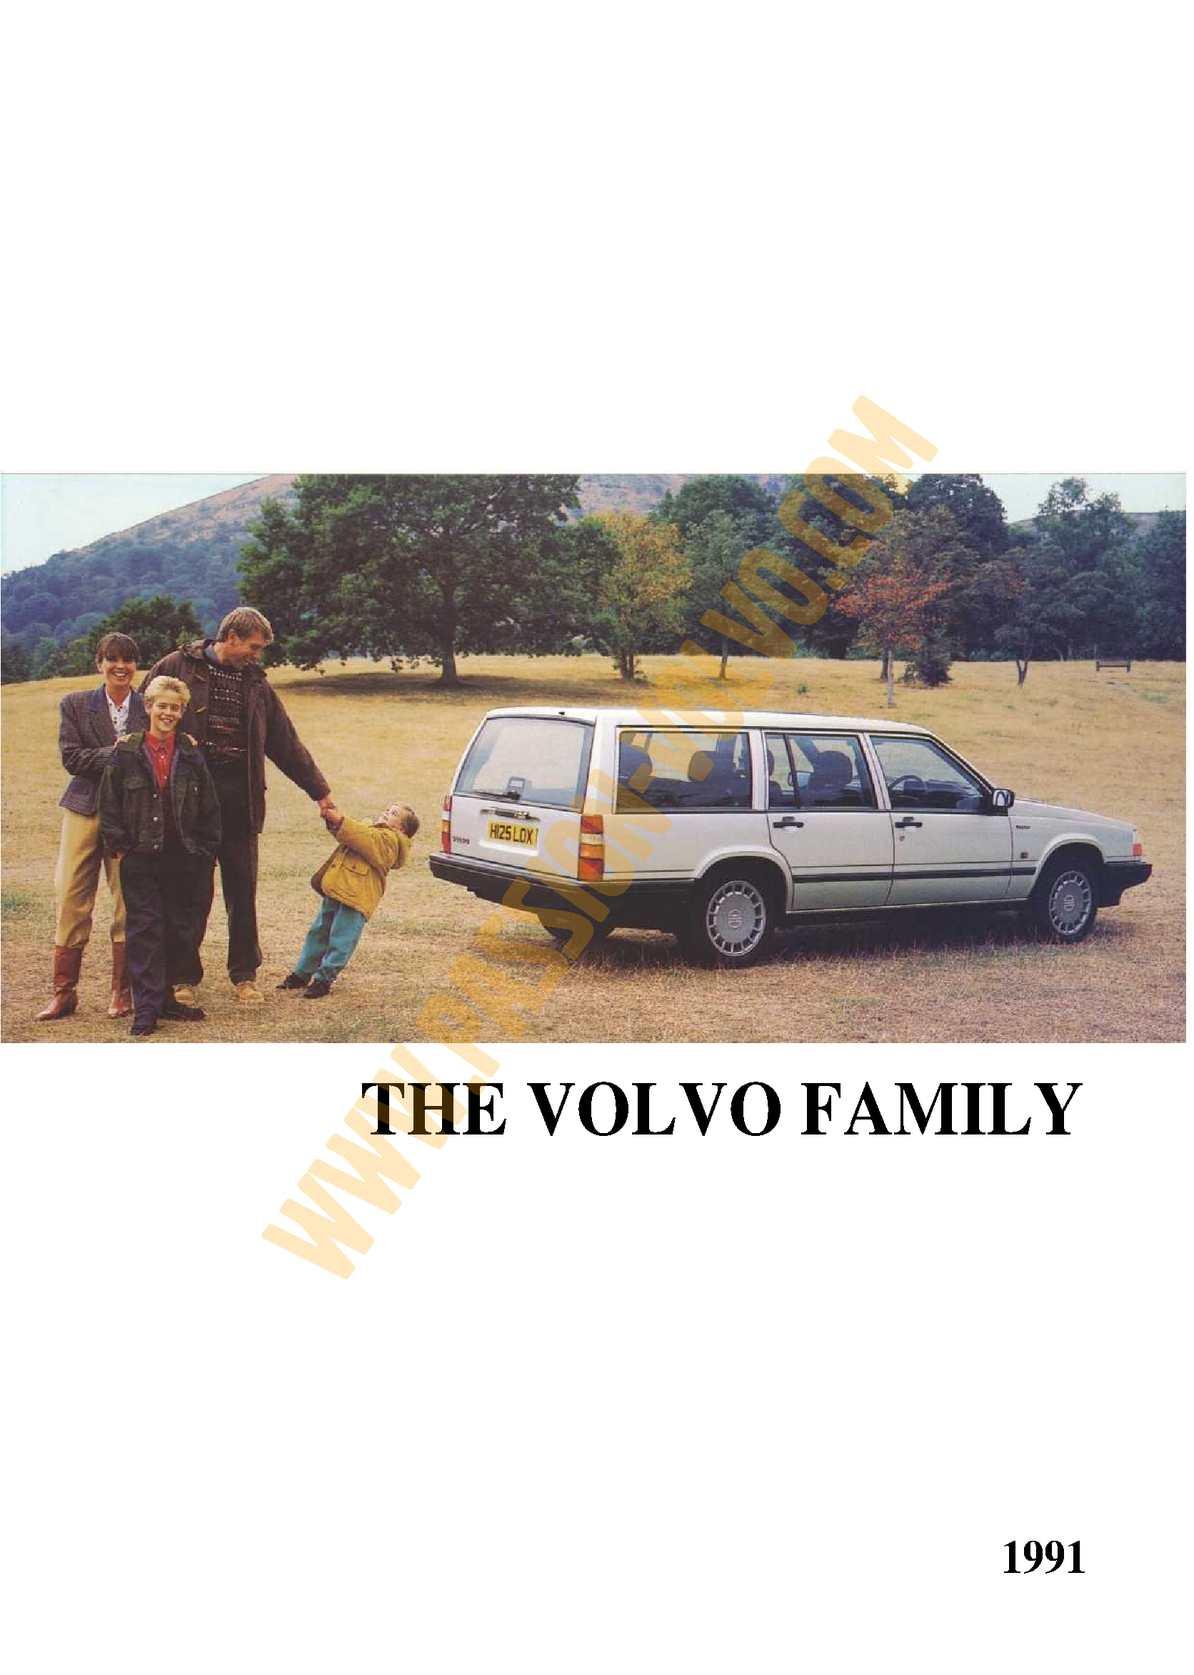 Volvo 1991 Présentation Gamme Complète Anglais 13